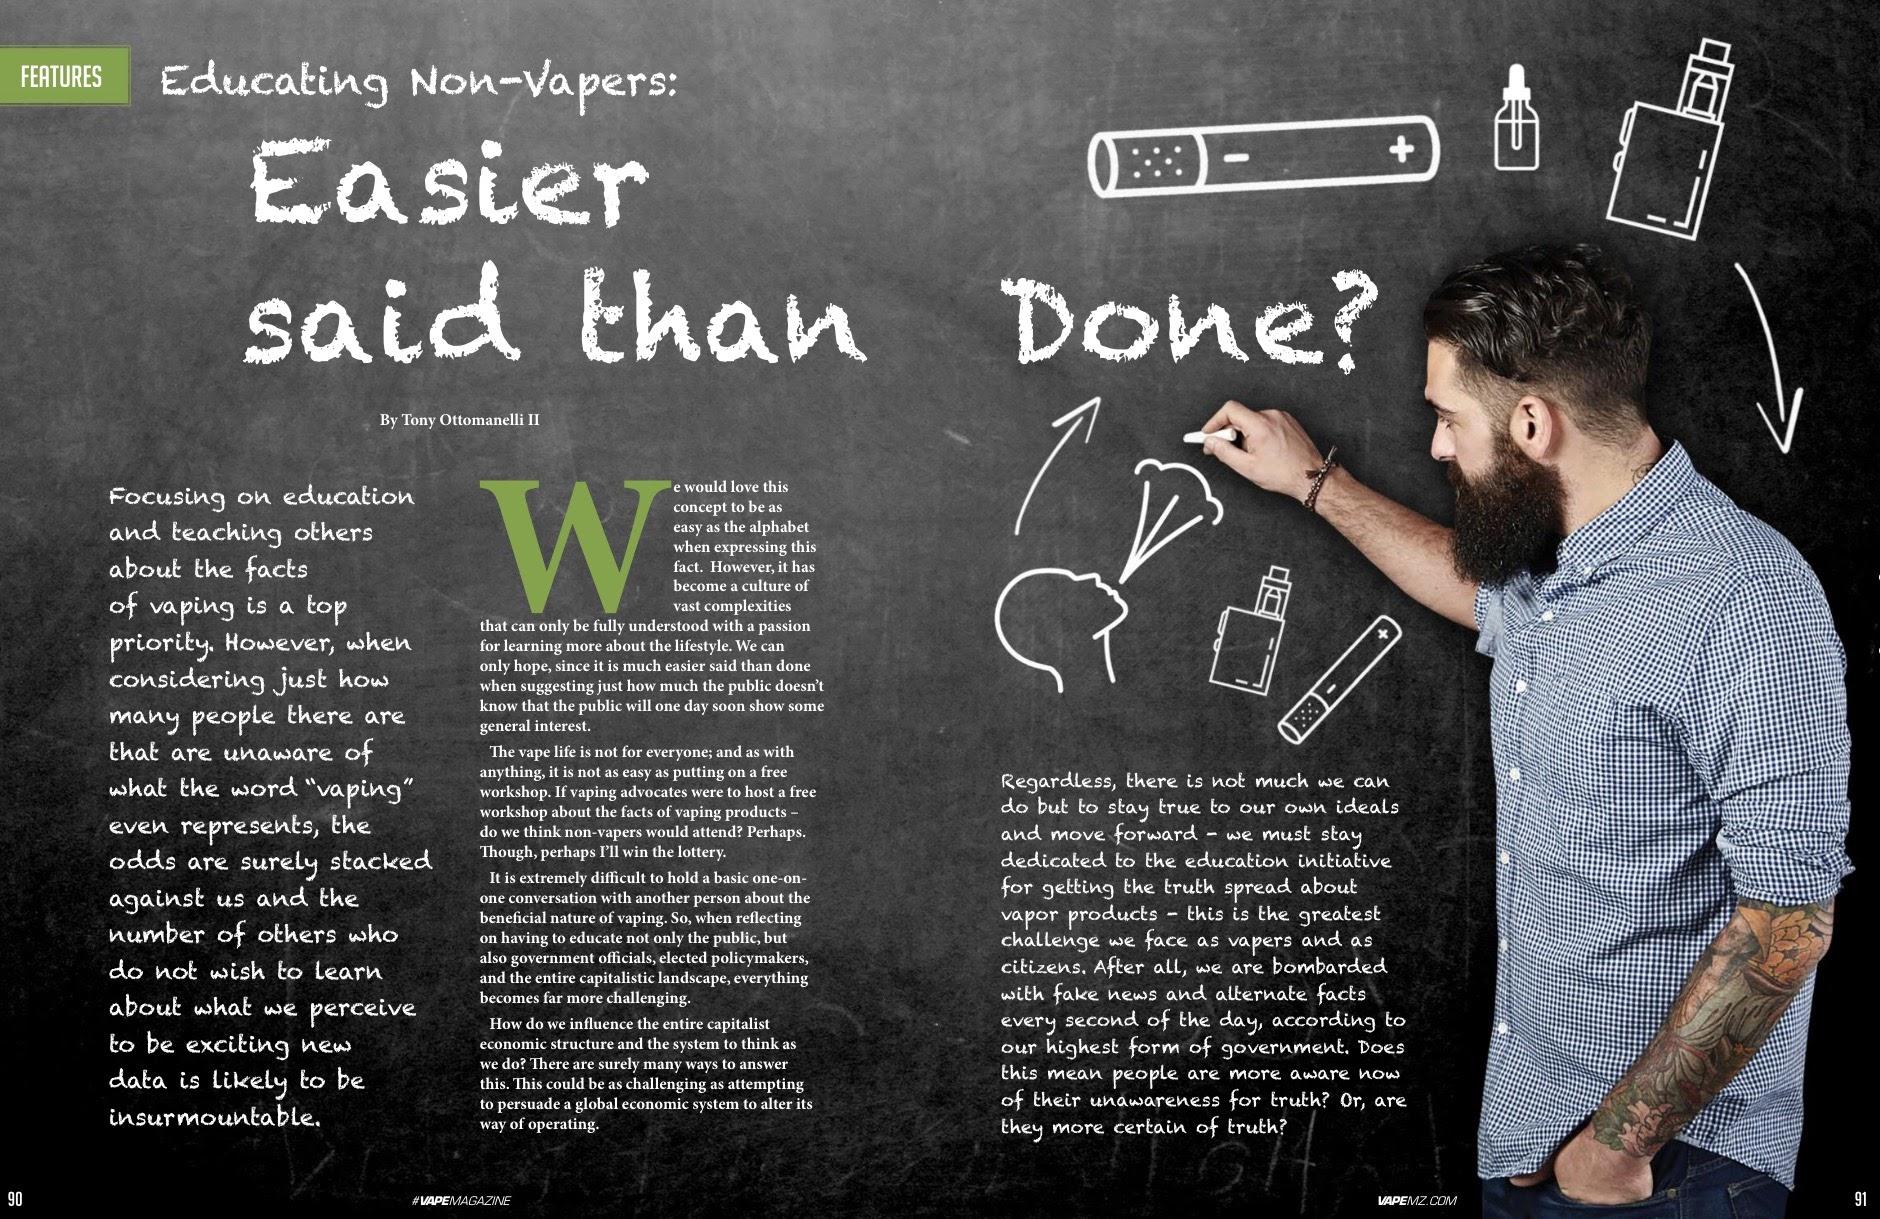 VAPE Magazine Published Article